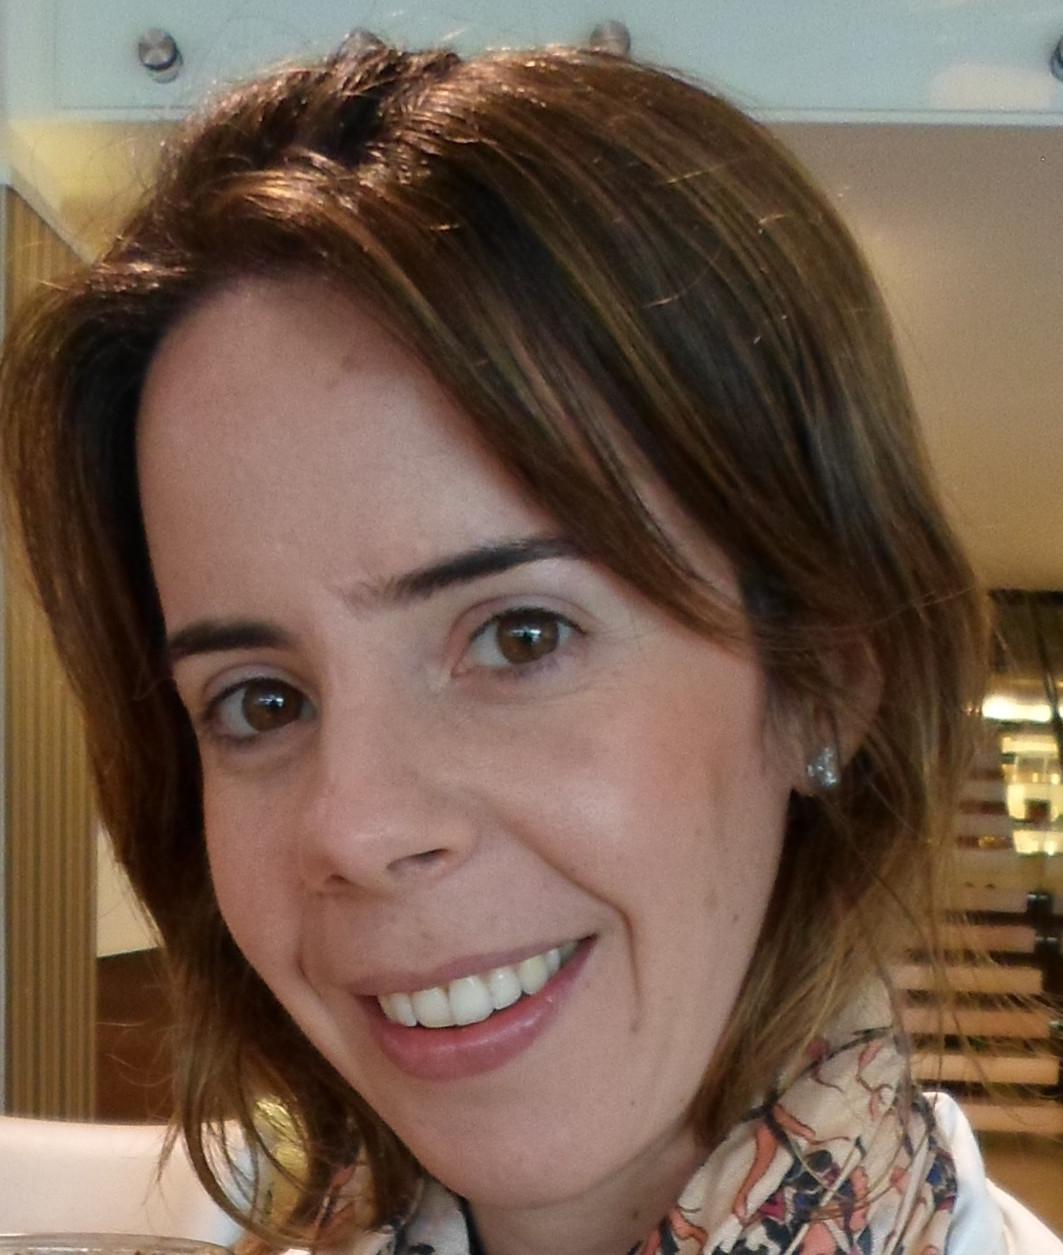 Mariana Dias (Instituto de Educação Cruz de Malta)